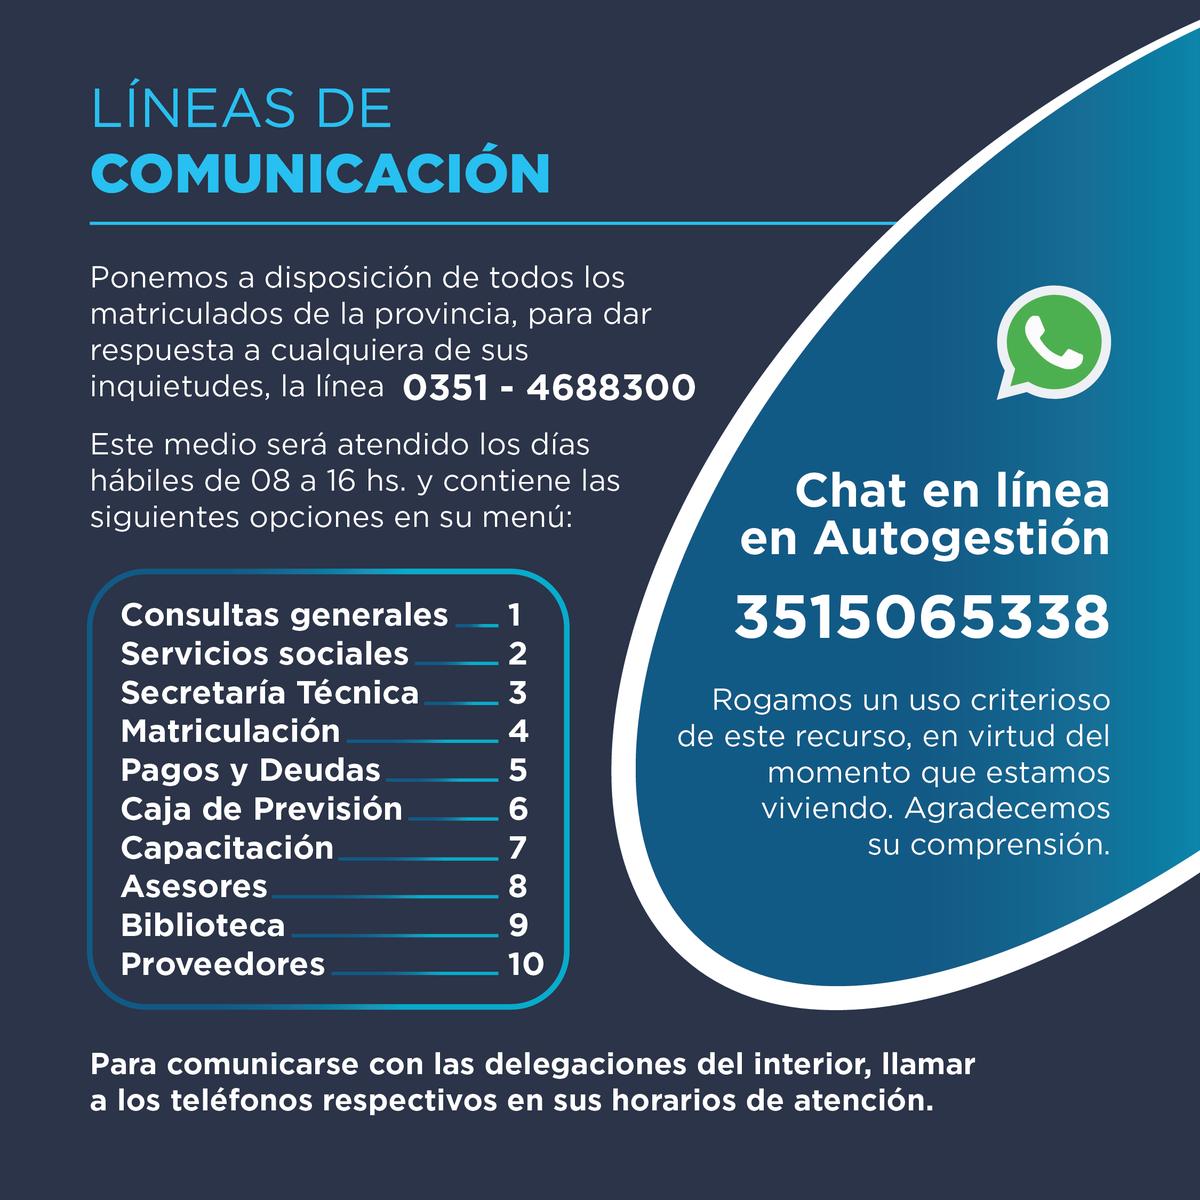 CPCE Córdoba @CPCECordoba: ¡Nos cuidemos entre todos! Comunicate, de lunes a viernes entre las 8 y las 16hs al (0351) 4688300 y seleccioná la opción del menú más adecuada a tu consulta! ????✔️ También podes contactarnos por whatsapp 3515065338 y por el chat en Autogestión ???????? https://t.co/d7A56zAWUy